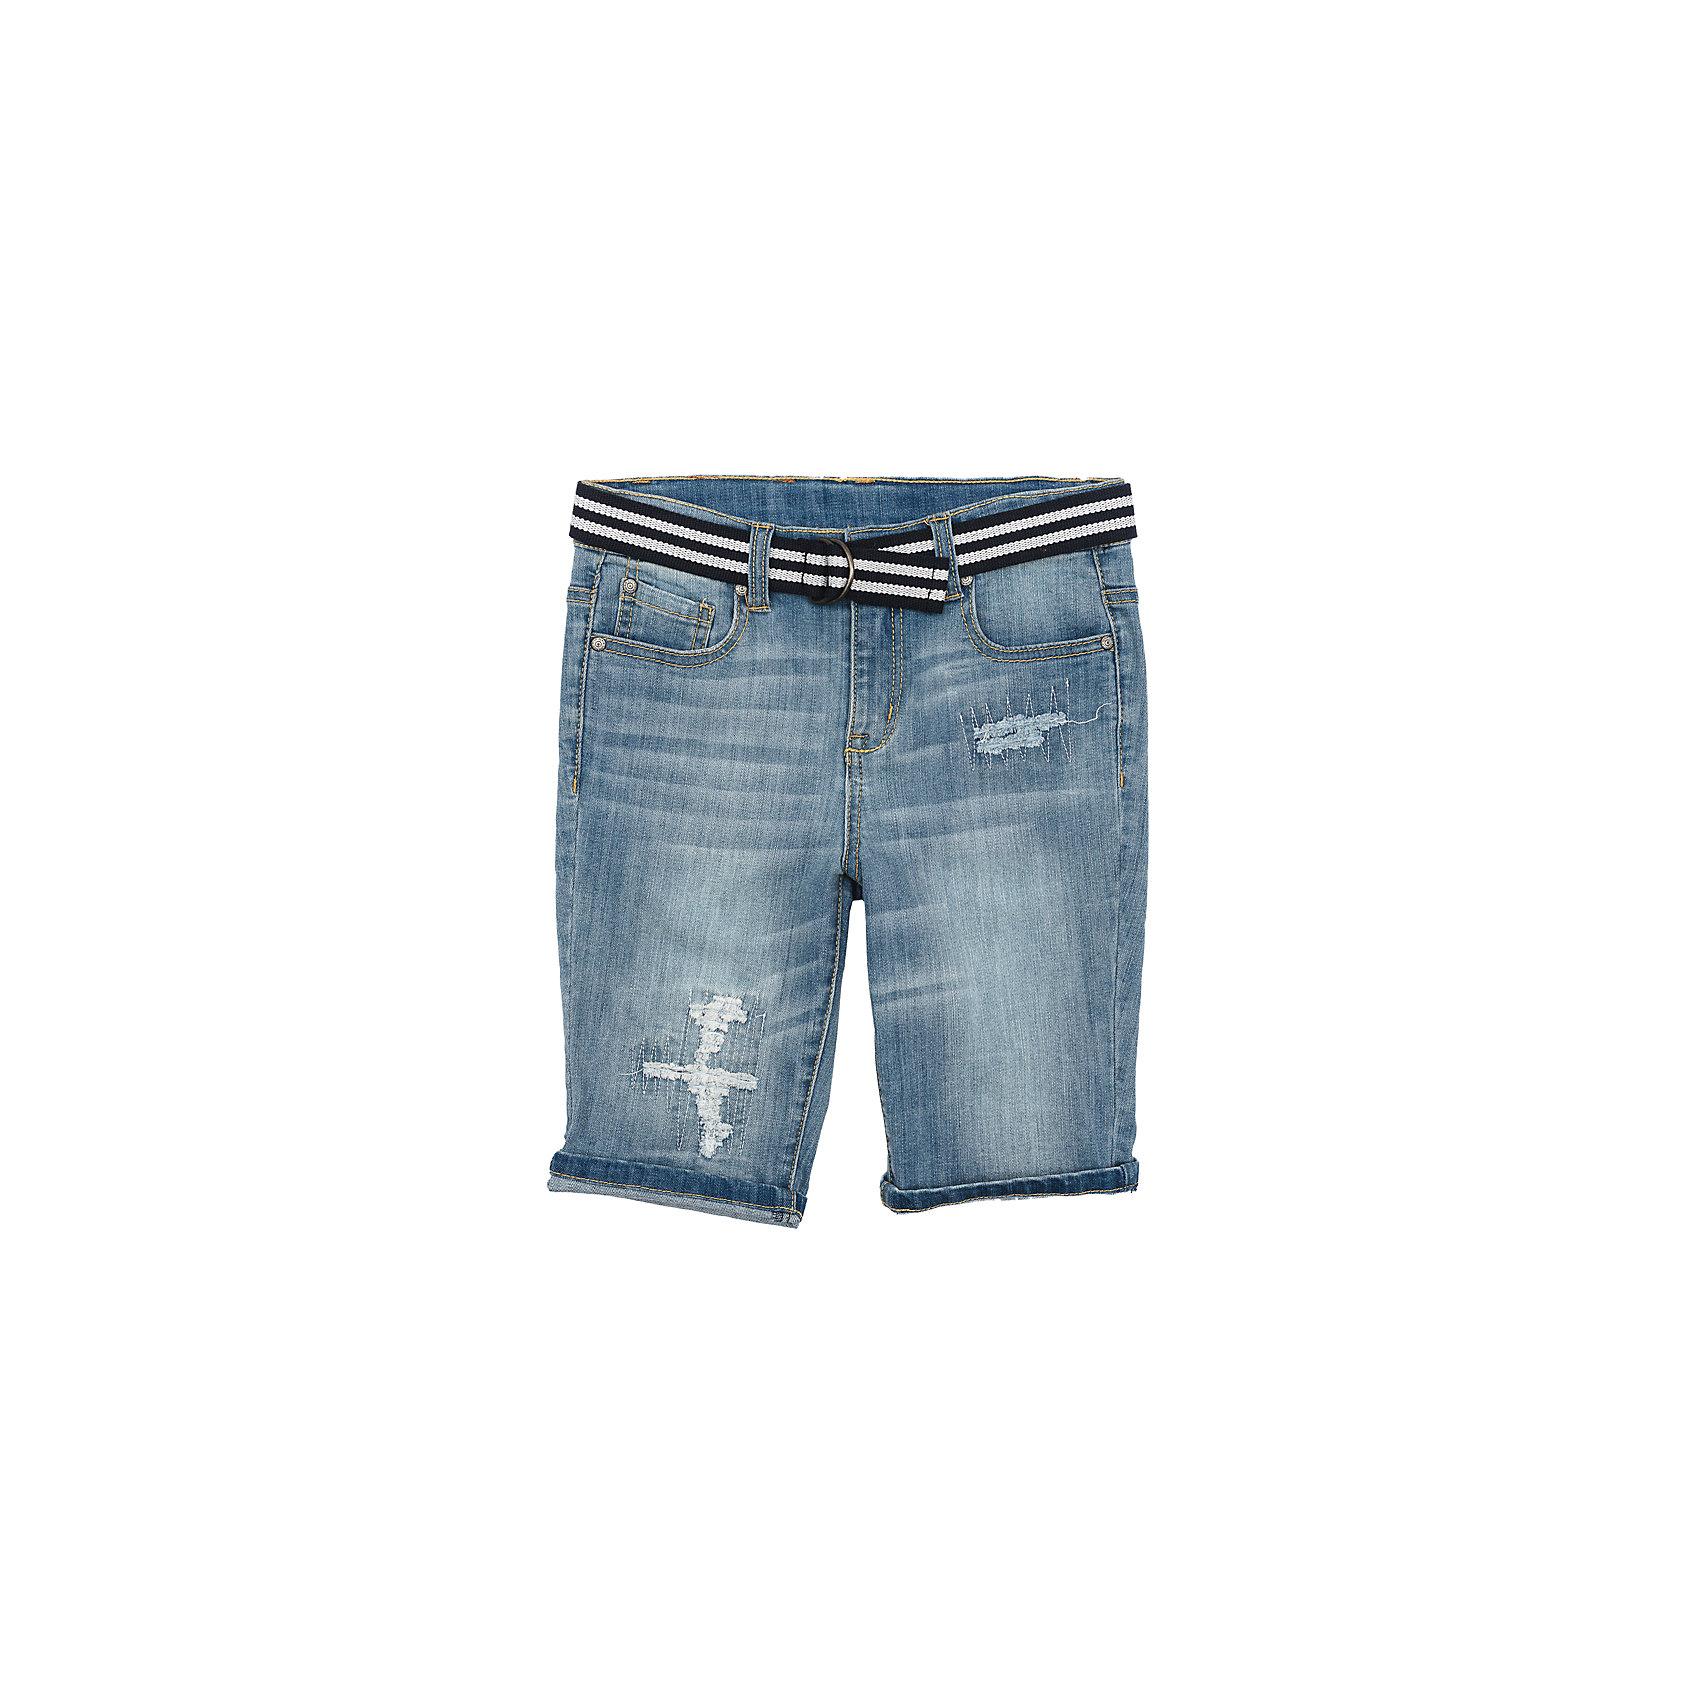 Шорты джинсовые для мальчика ScoolШорты, бриджи, капри<br>Характеристики товара:<br><br>• цвет: синий<br>• состав: 99% хлопок, 1% эластан<br>• сезон: лето<br>• ремень в комплекте<br>• шорты со шлёвками<br>• карманы <br>• эффект потертостей<br>• страна бренда: Германия<br>• страна производства: Китай<br><br>Джинсовые шорты для мальчика Scool. Шорты с потертостями подойдут для отдыха и прогулок. Свободный крой не сковывает движений ребенка. Натуральный материал приятен к телу и не вызывает раздражений. Модель со шлевками и ремнем.<br><br>Шорты для мальчика от известного бренда Scool можно купить в нашем интернет-магазине.<br><br>Ширина мм: 191<br>Глубина мм: 10<br>Высота мм: 175<br>Вес г: 273<br>Цвет: голубой<br>Возраст от месяцев: 96<br>Возраст до месяцев: 108<br>Пол: Мужской<br>Возраст: Детский<br>Размер: 134,146,152,158,164,140<br>SKU: 5406714